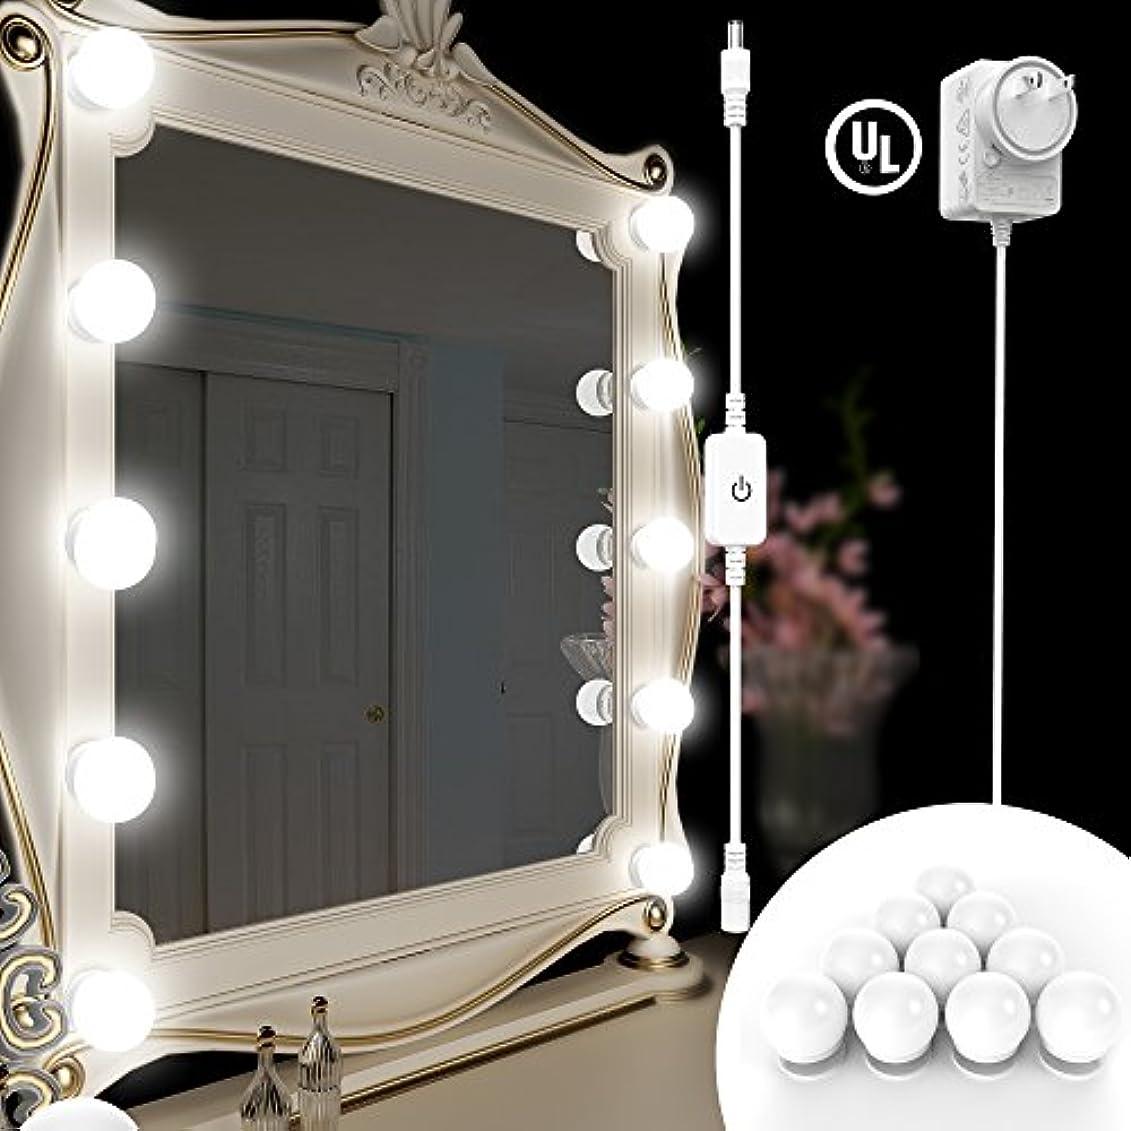 傾向があります修正する鯨BlueFire DIY 化粧鏡 LEDライト 女優ミラーライト ハリウッドライト ドレッサーライト 10個LED電球 明るさ調節可能 全長3.6M 隠し配線 メイクアップミラーライト バニティミラーライトキット